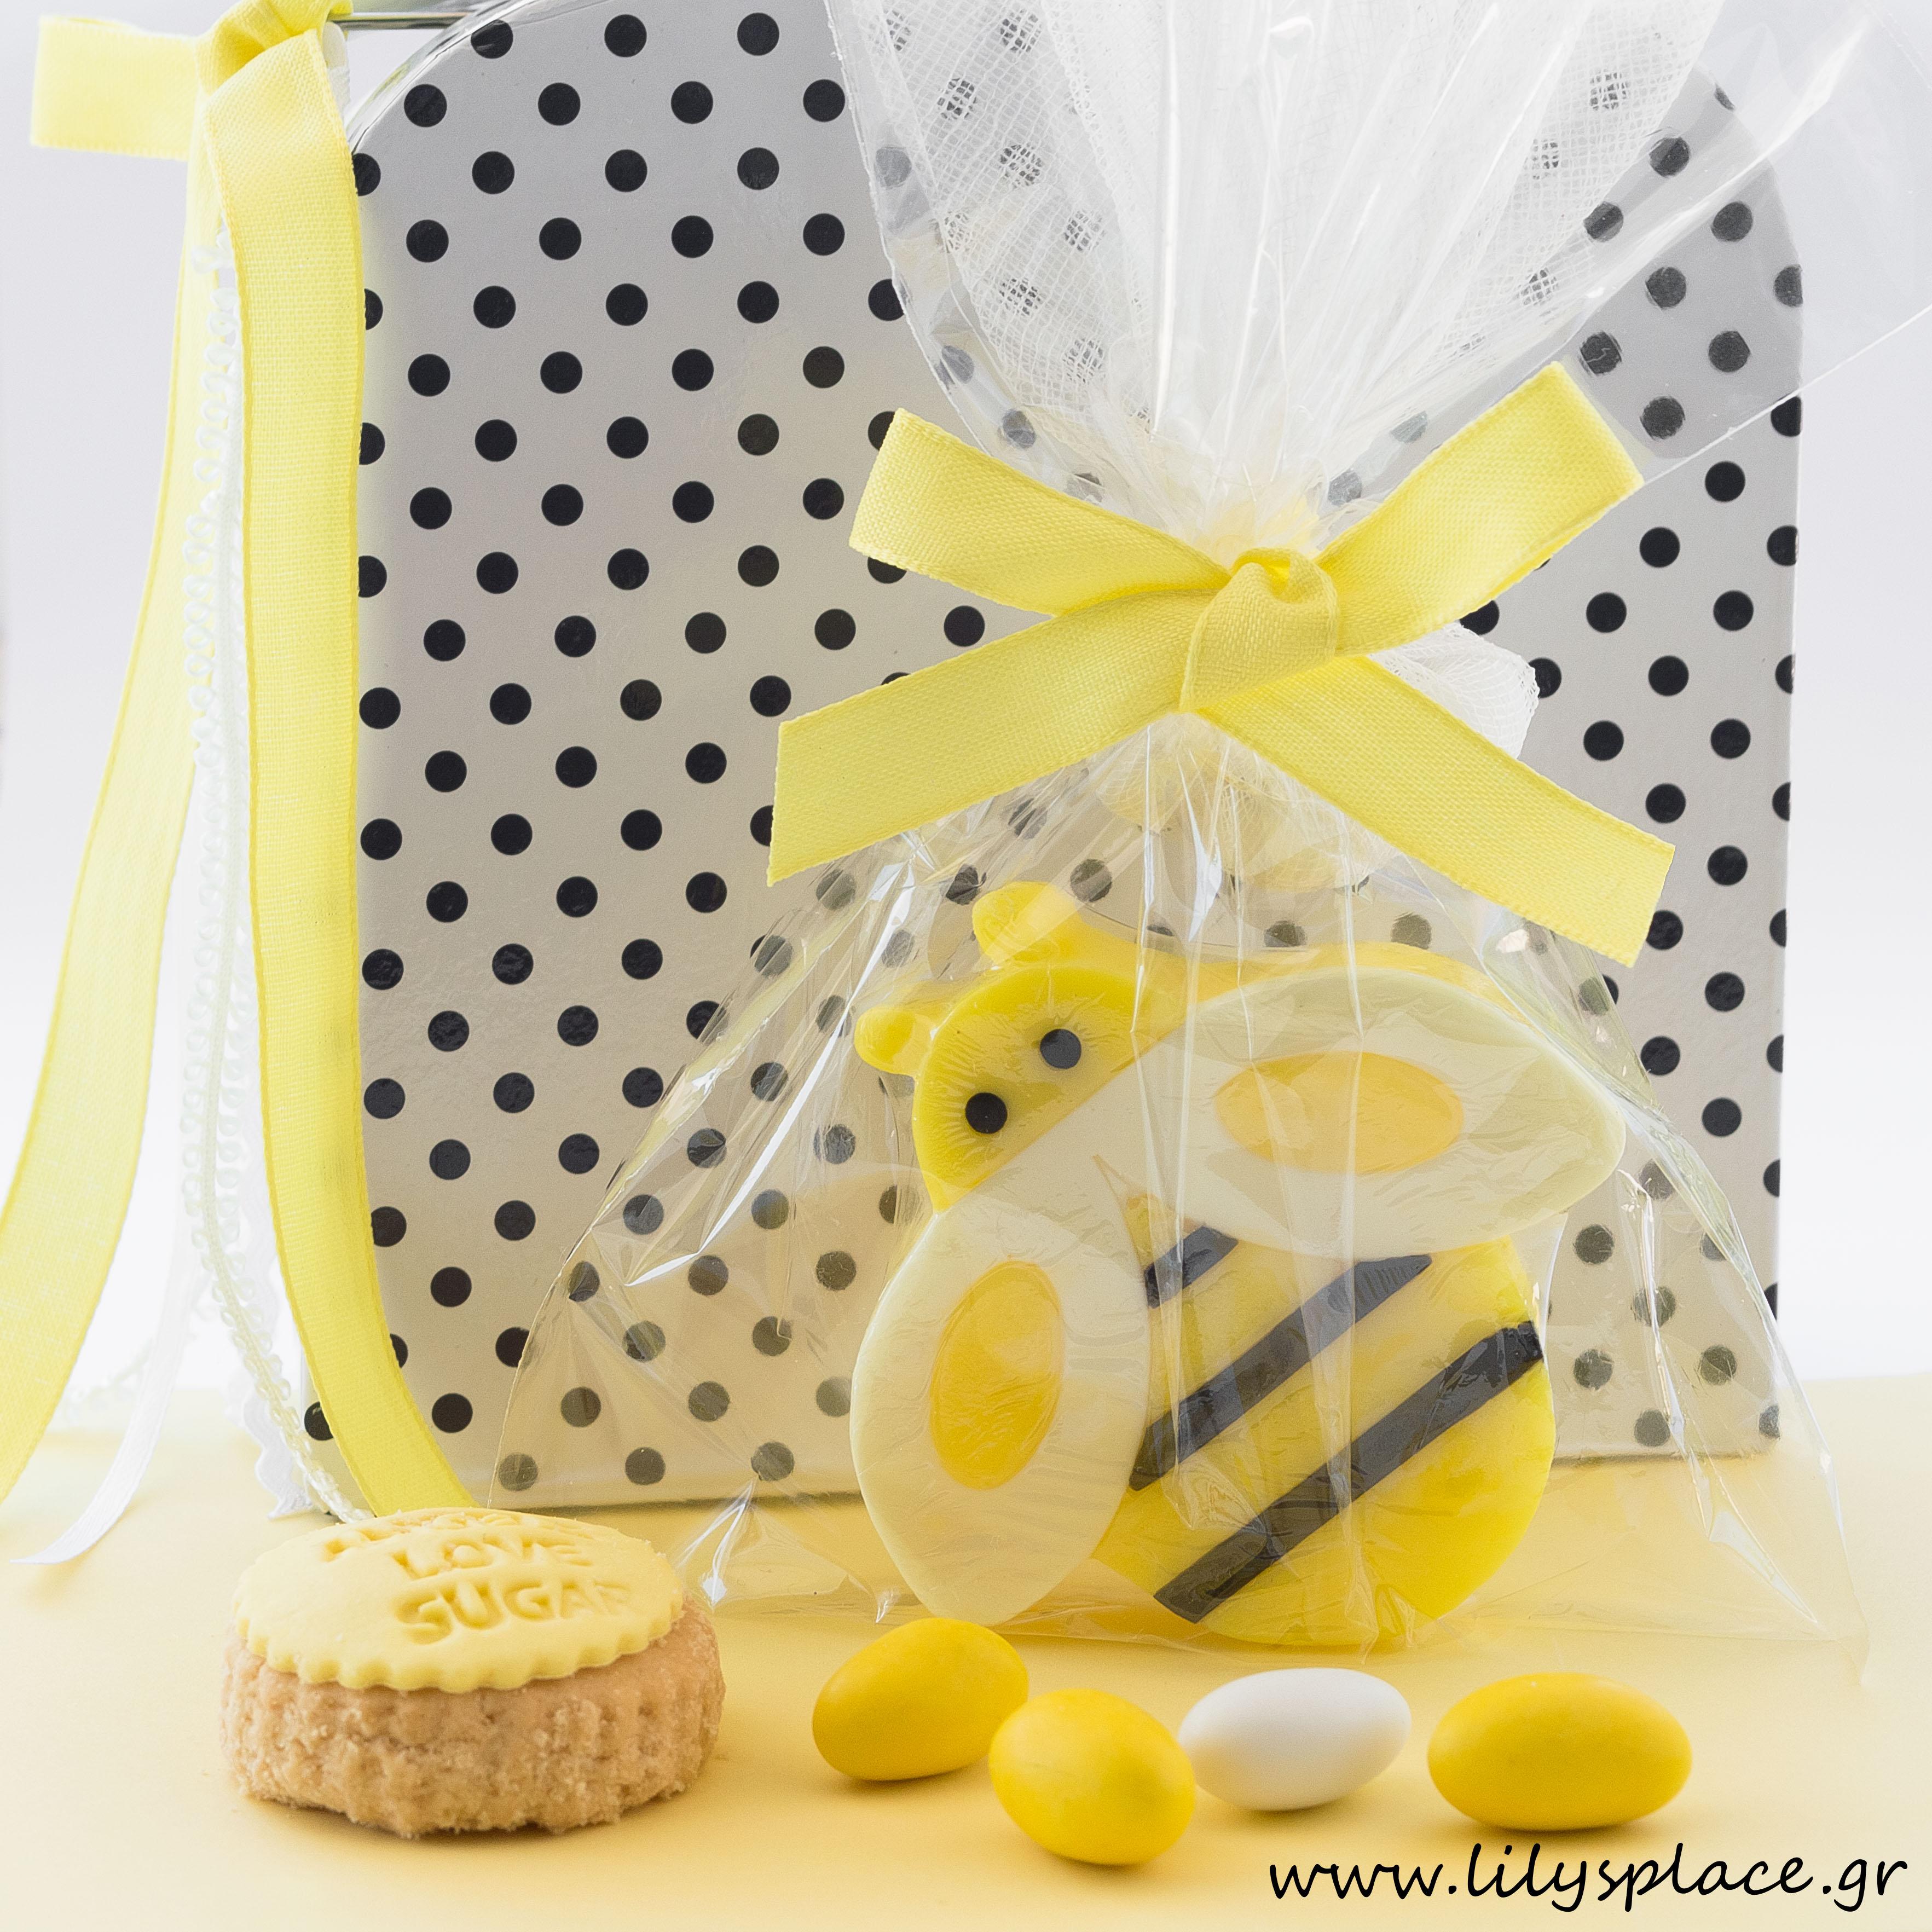 Μπομπονιέρα βάπτισης σαπουνάκι μελισσούλα